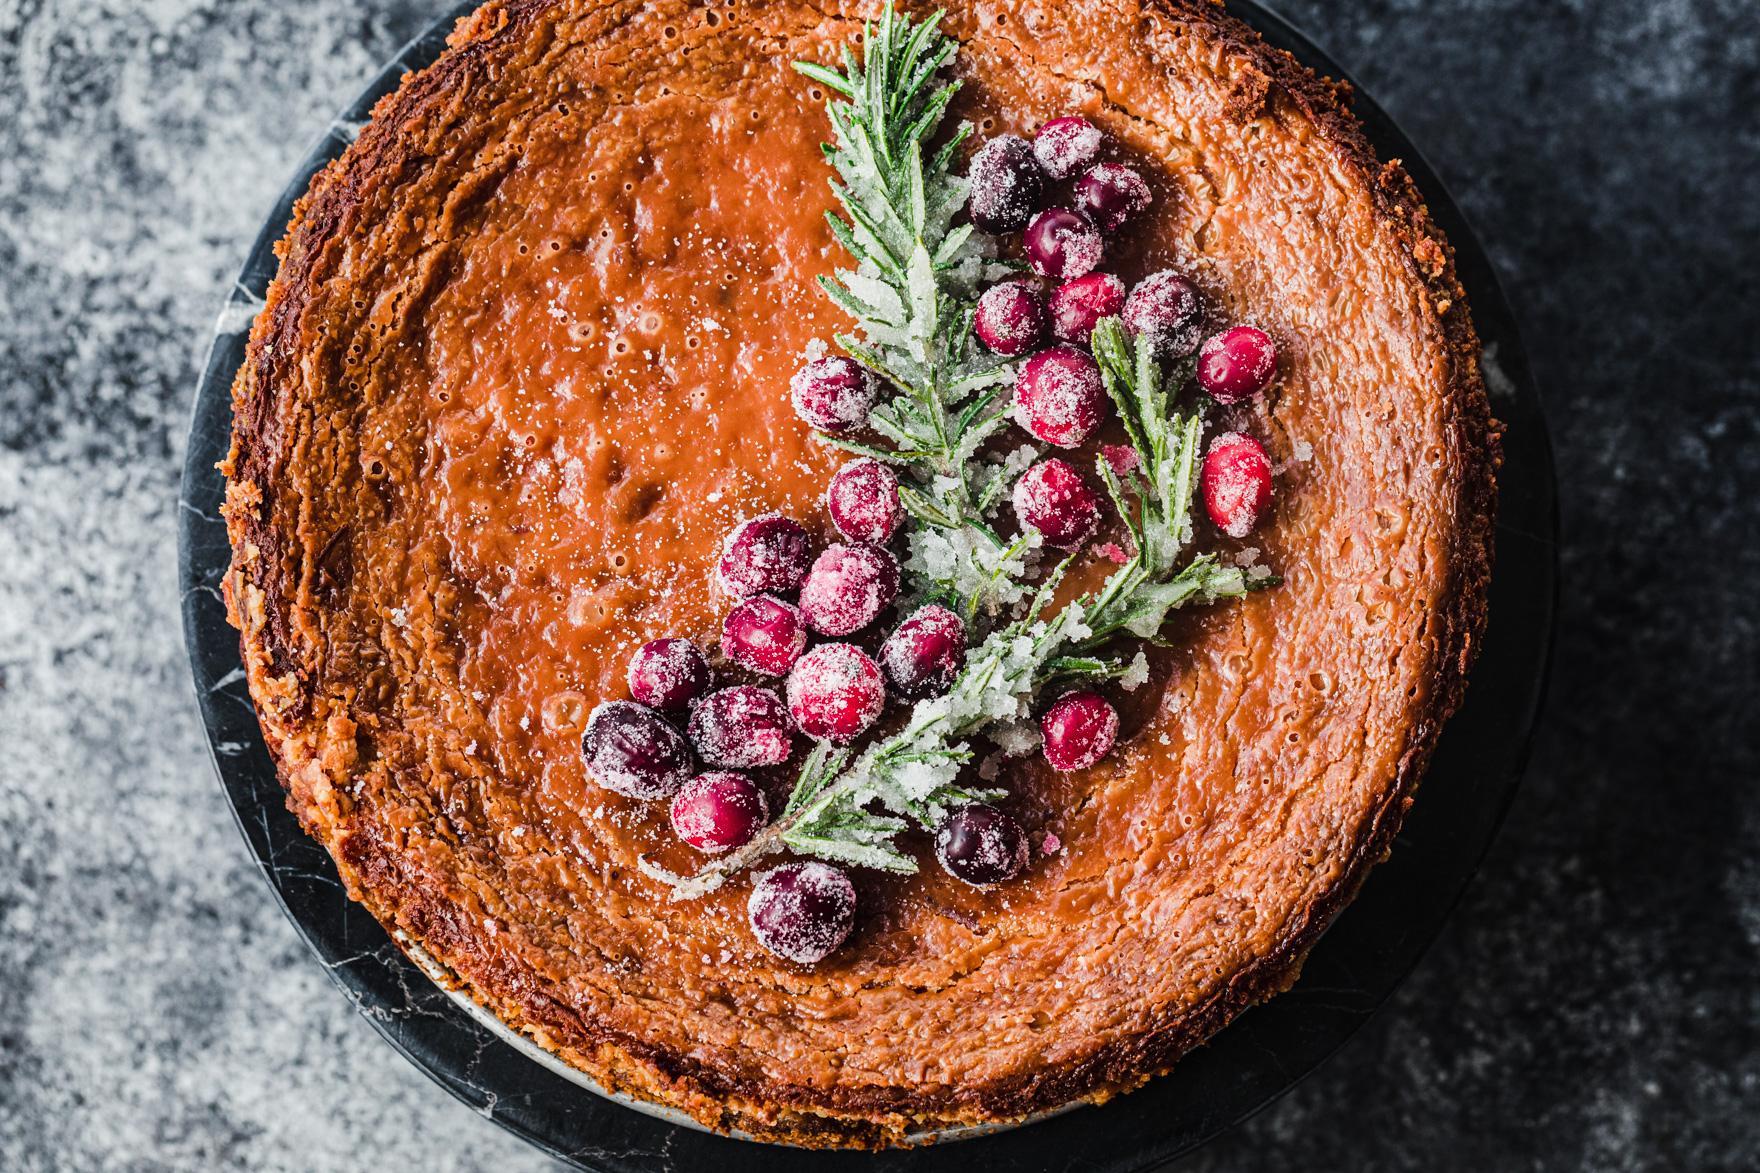 Cranberry White Chocolate Cheesecake